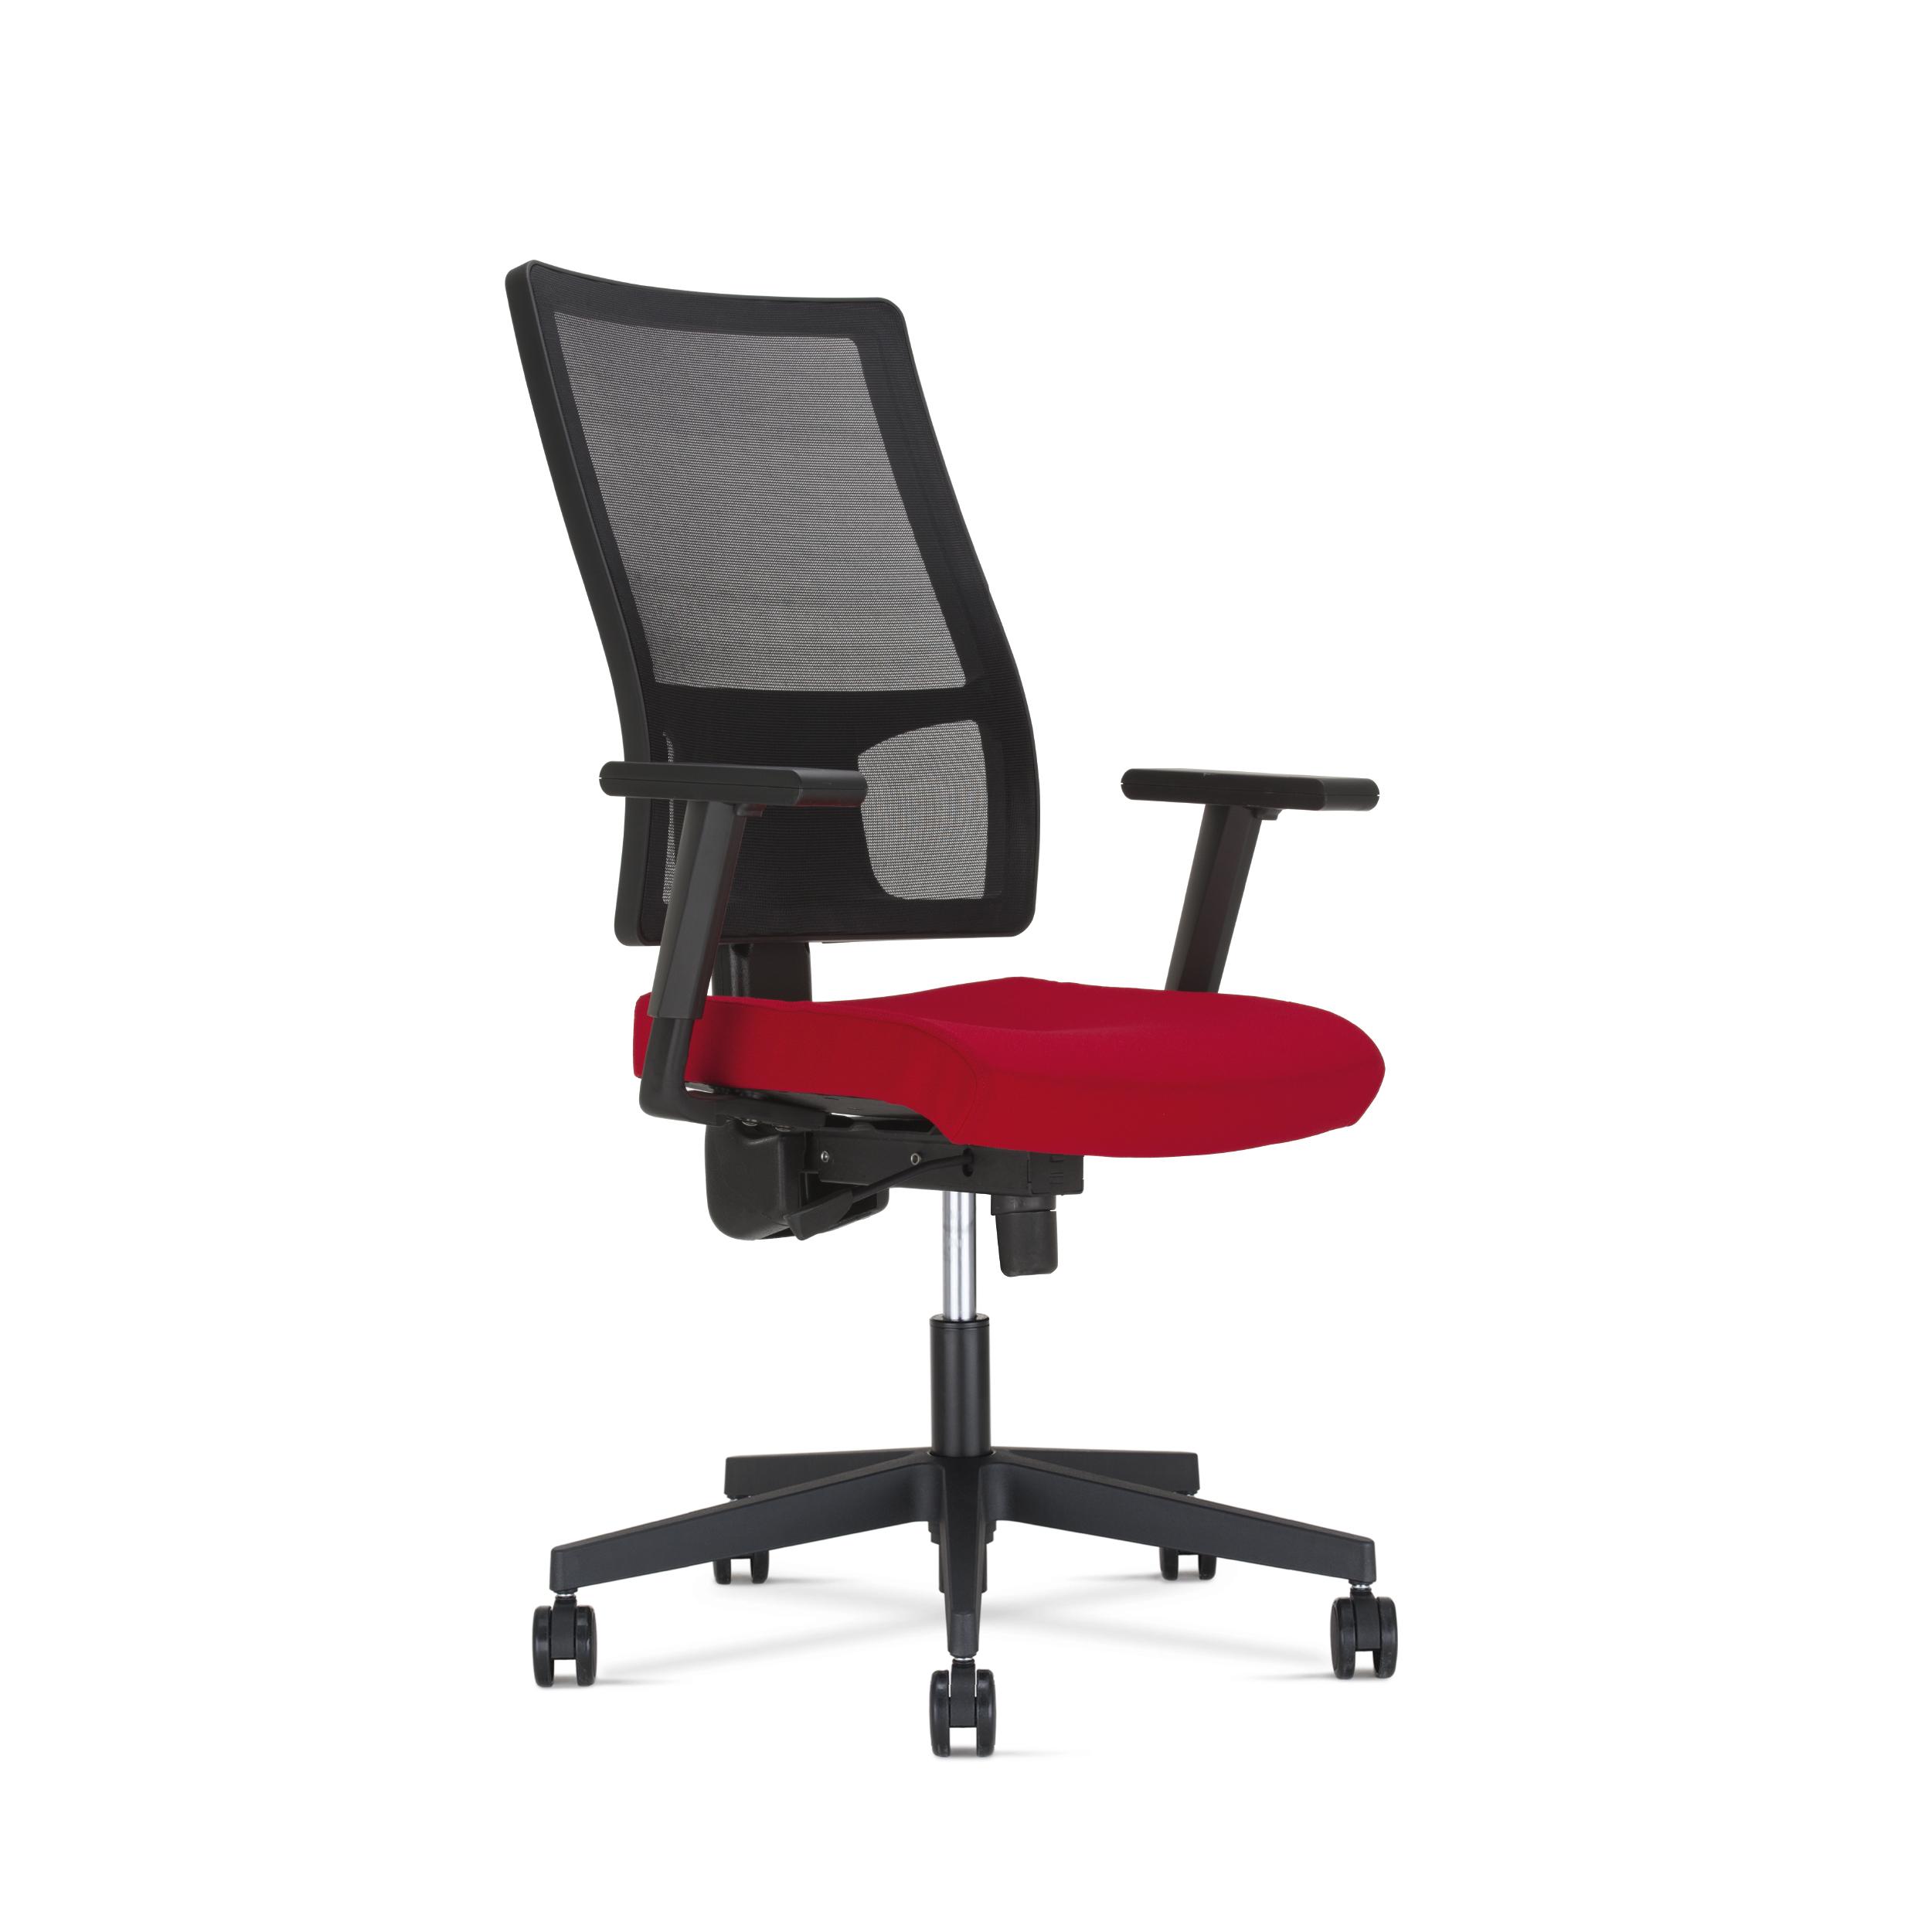 krzesło_Taktik04